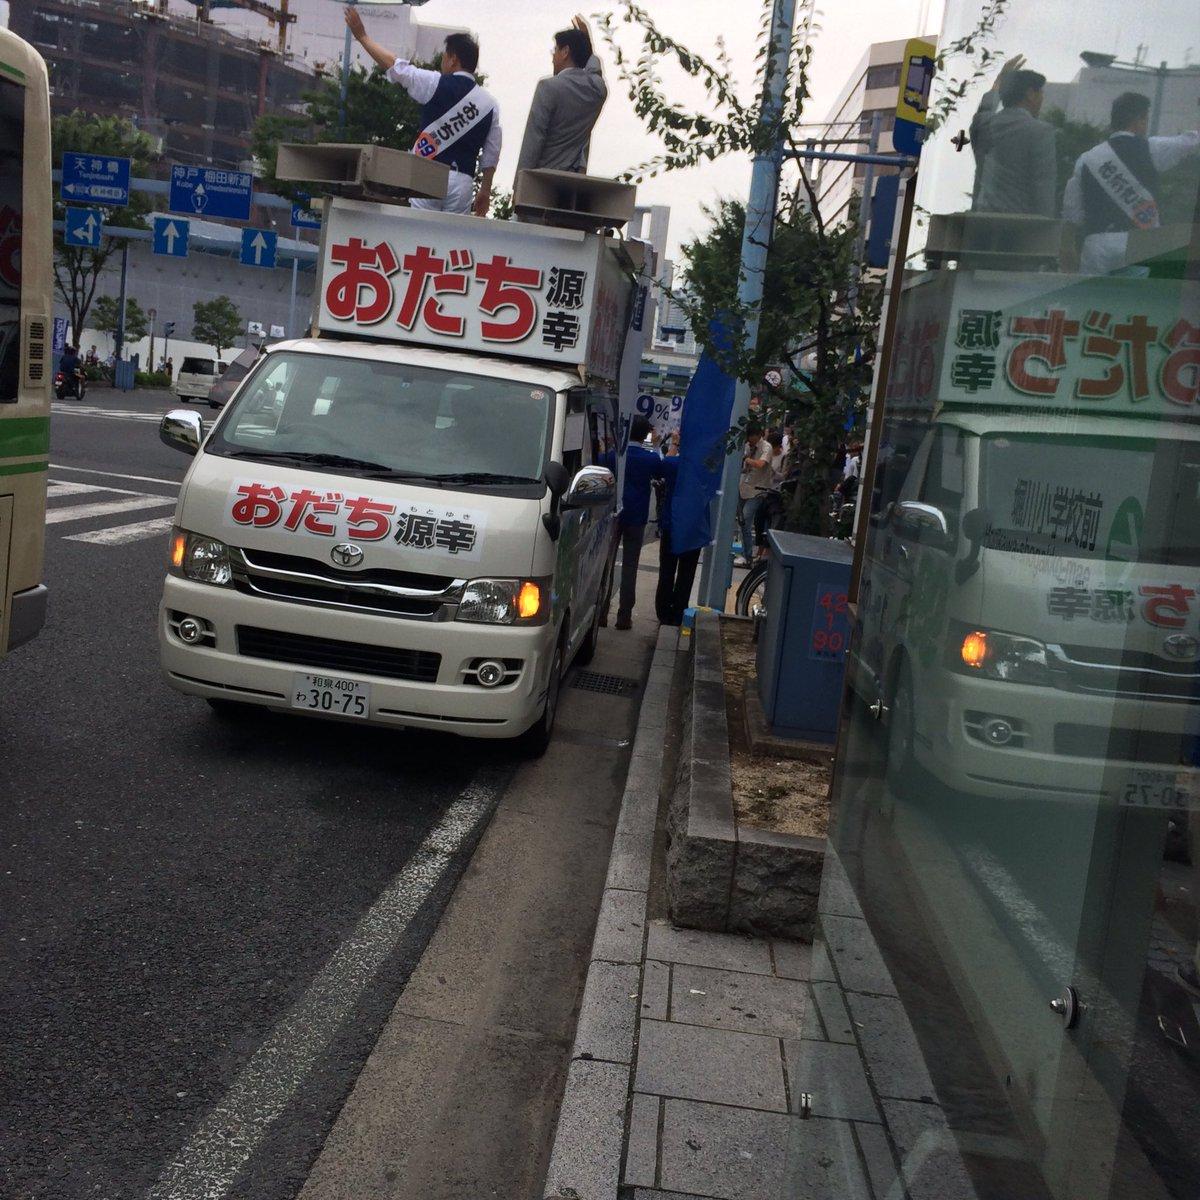 南森町で市バスに乗り換えたら、蓮舫氏が演説してた。バス停前に 止まるなタコ! https://t.co/XTuGmCy6mG